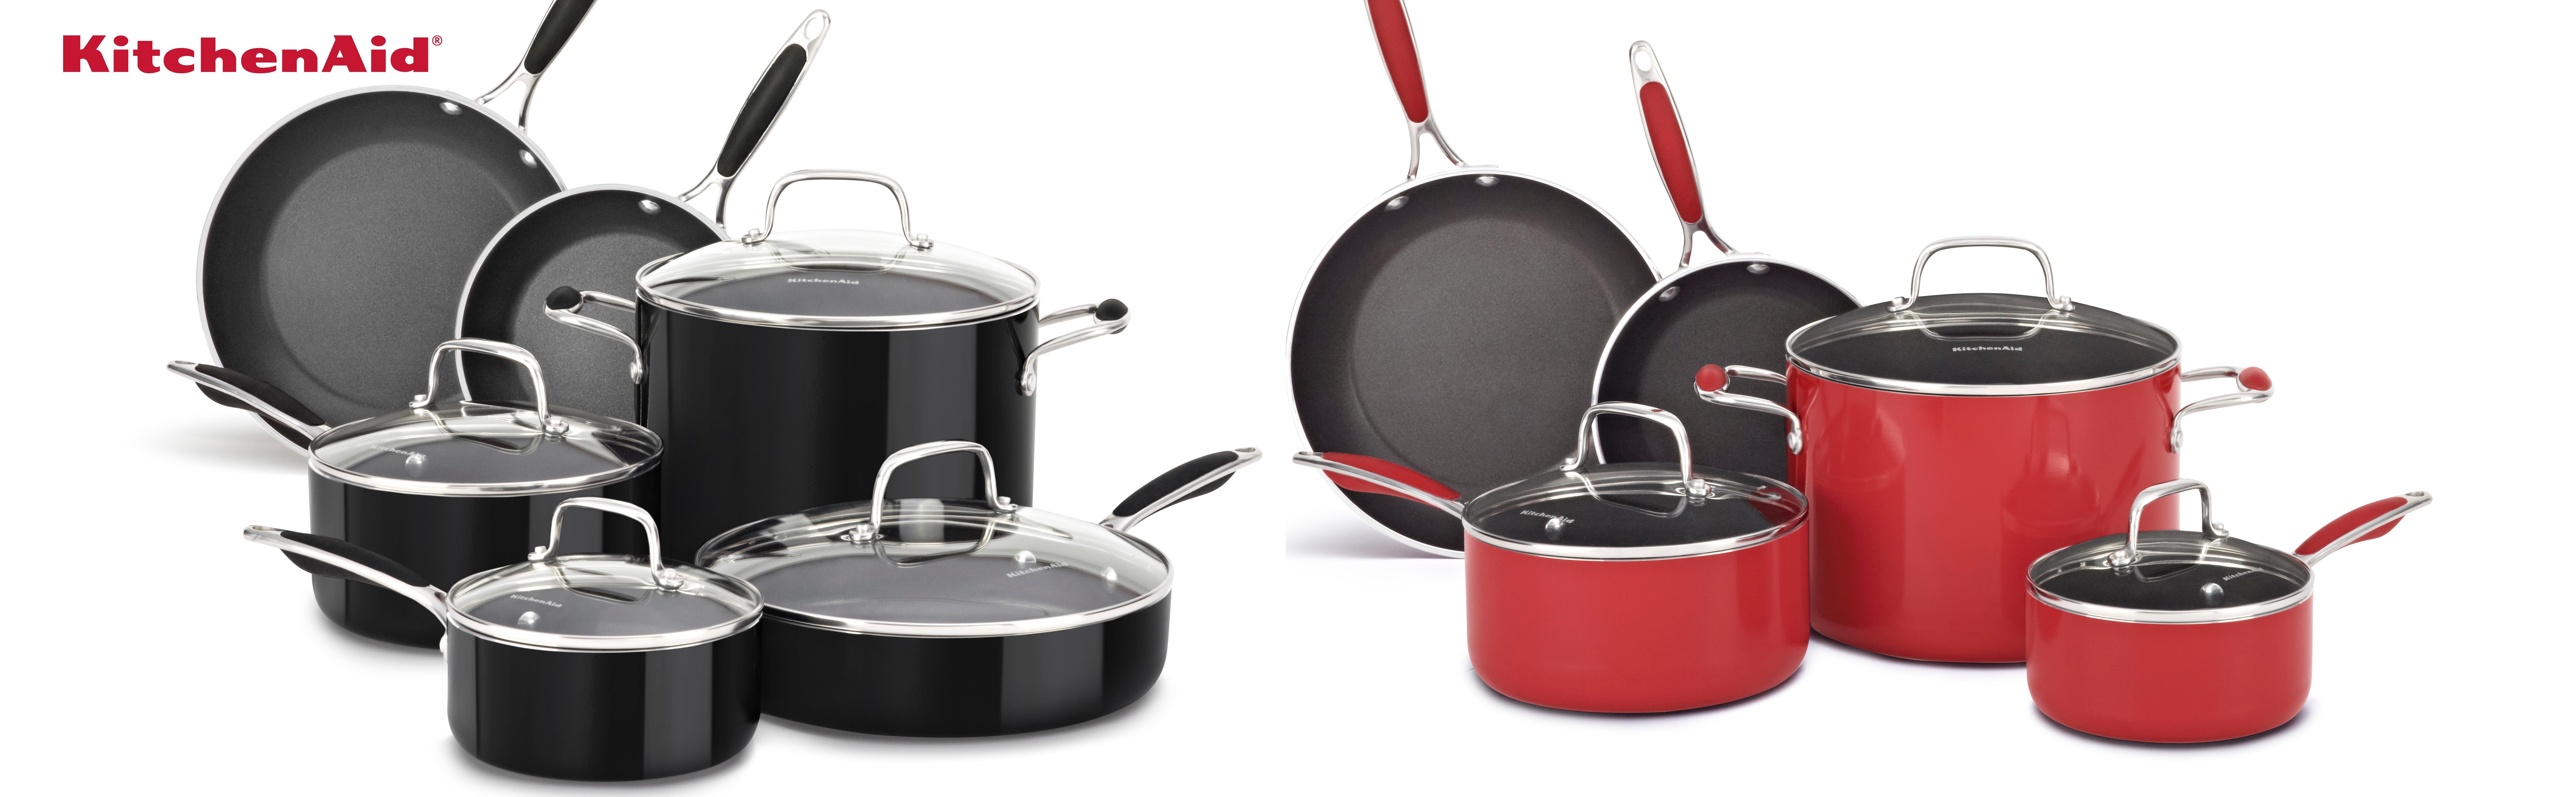 amazon com kitchenaid kcas10er aluminum nonstick 10 piece set rh amazon com kitchenaid pots and pans set kitchenaid pots and pans reviews